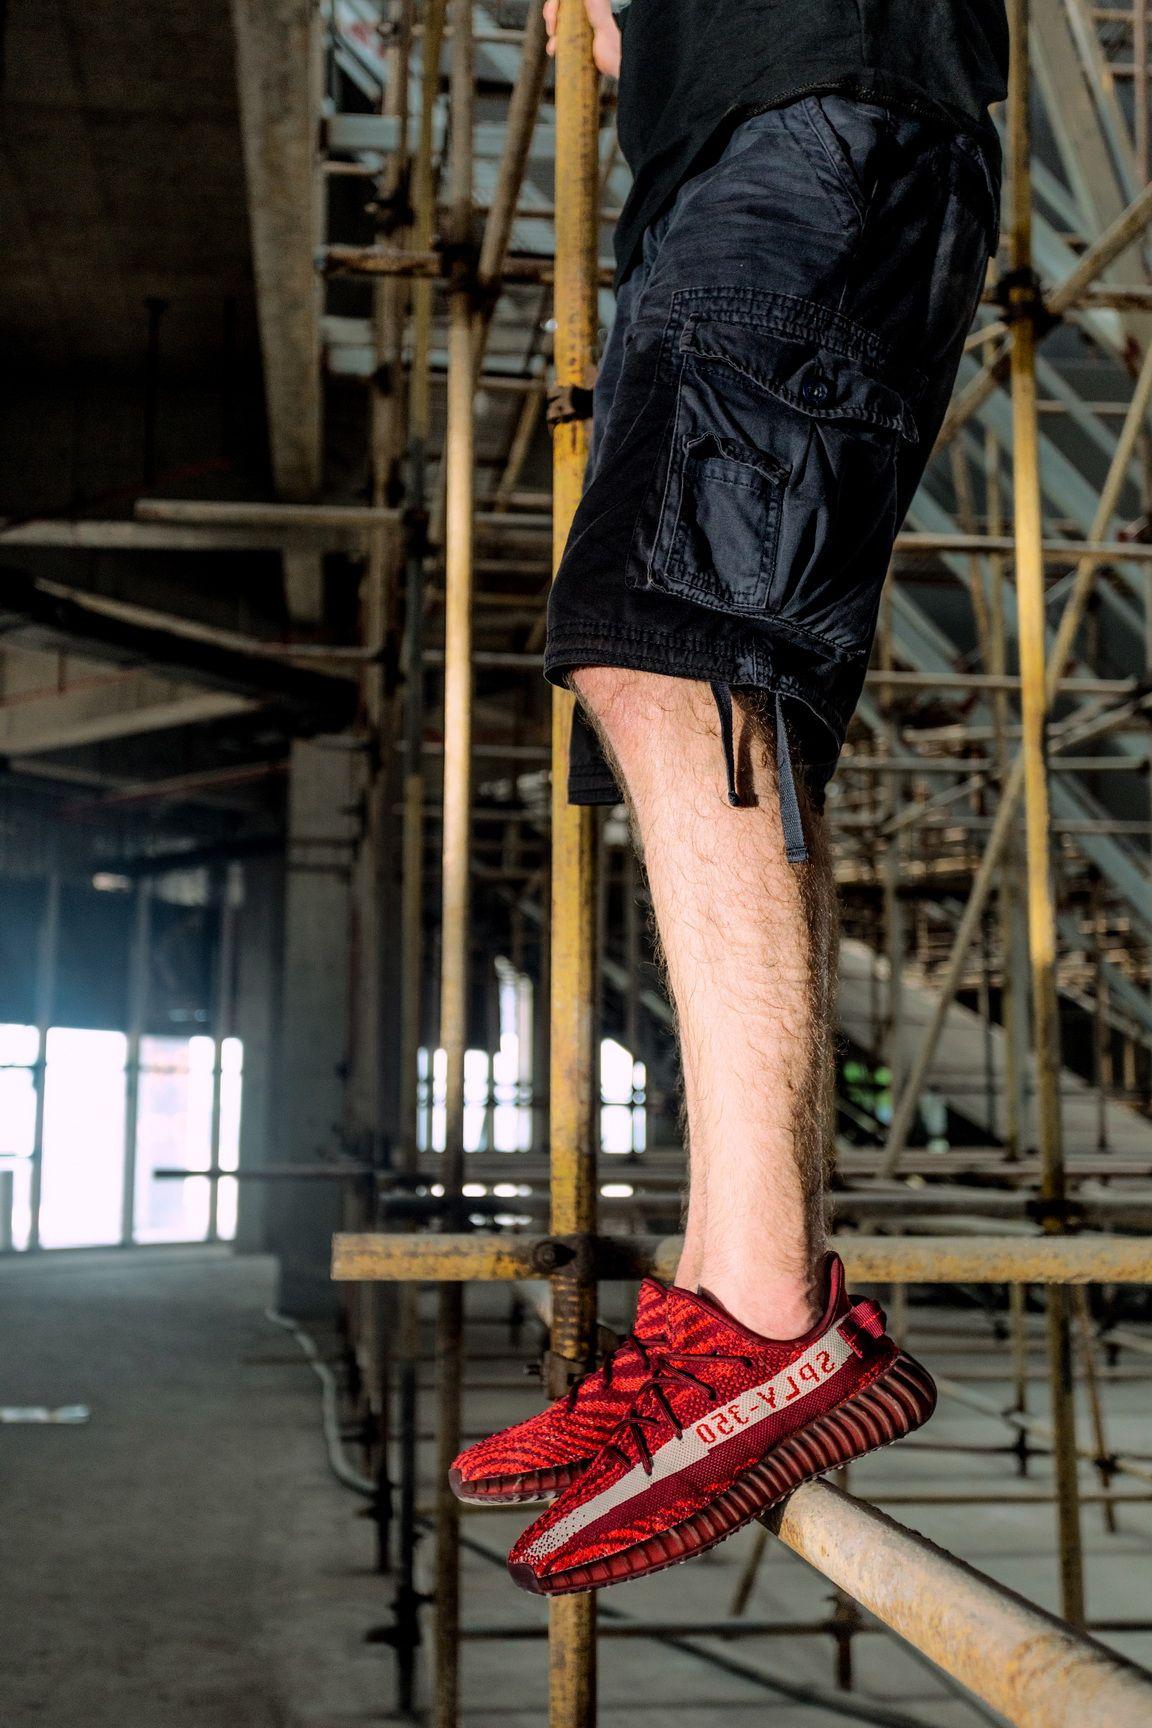 vende vista previa de estilo exquisito Adidas Yeezy Boost 350V2 Real Boost Wine Red 11 | Yeezy ...